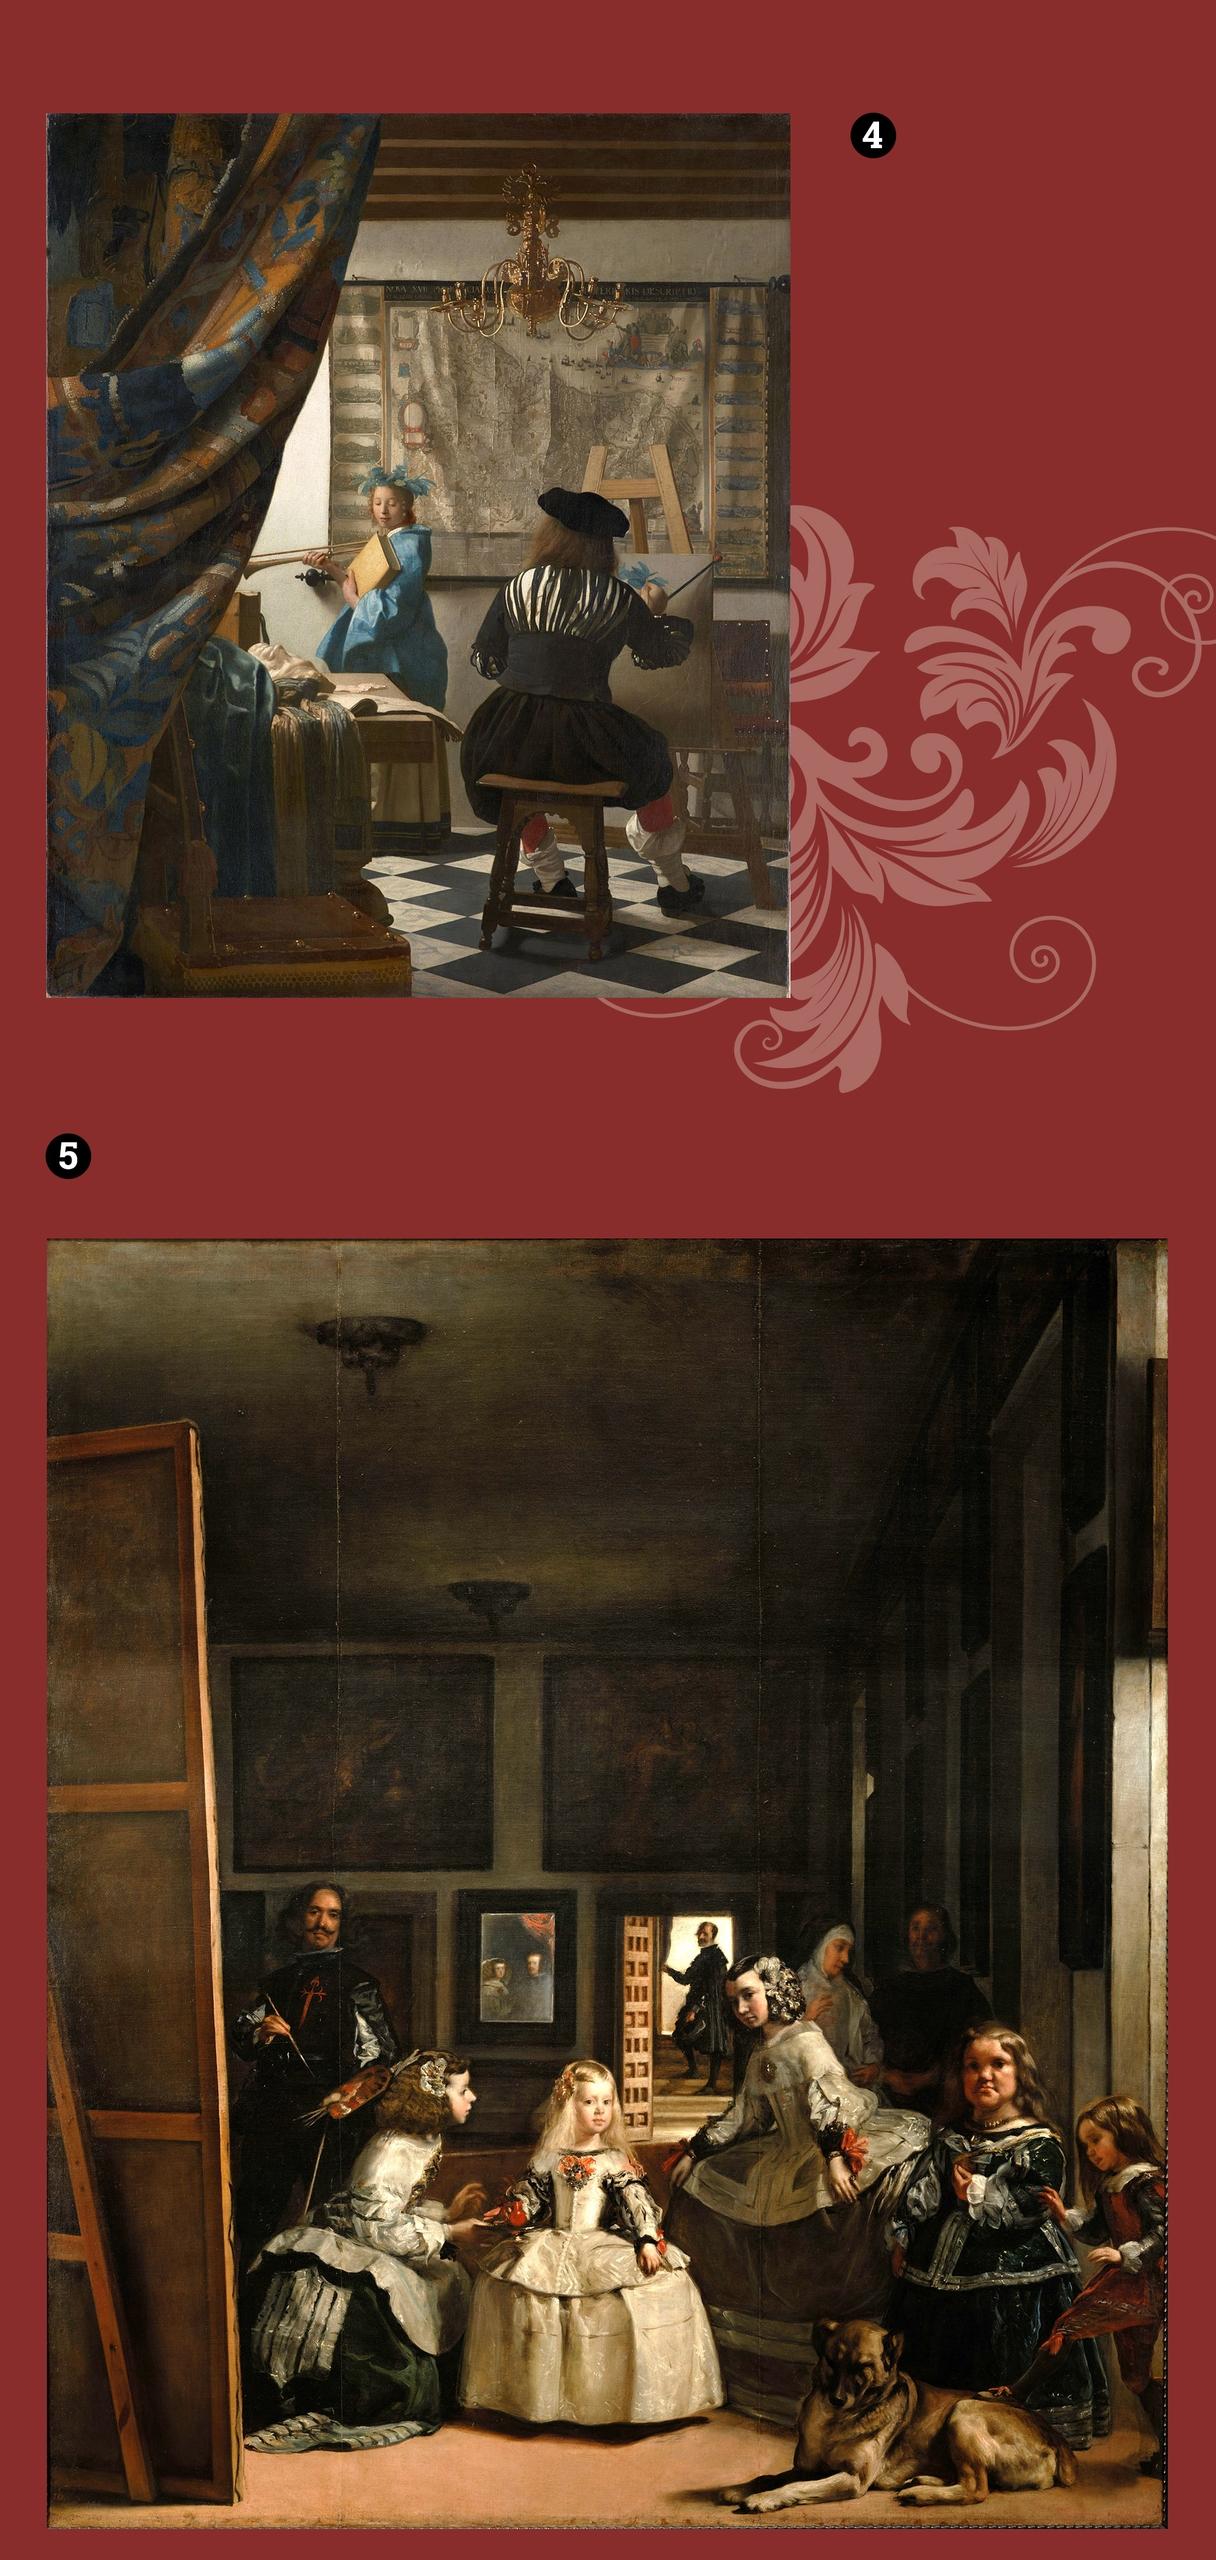 Obraz przedstawia dwa obrazy znanych artystów na bordowym tle.